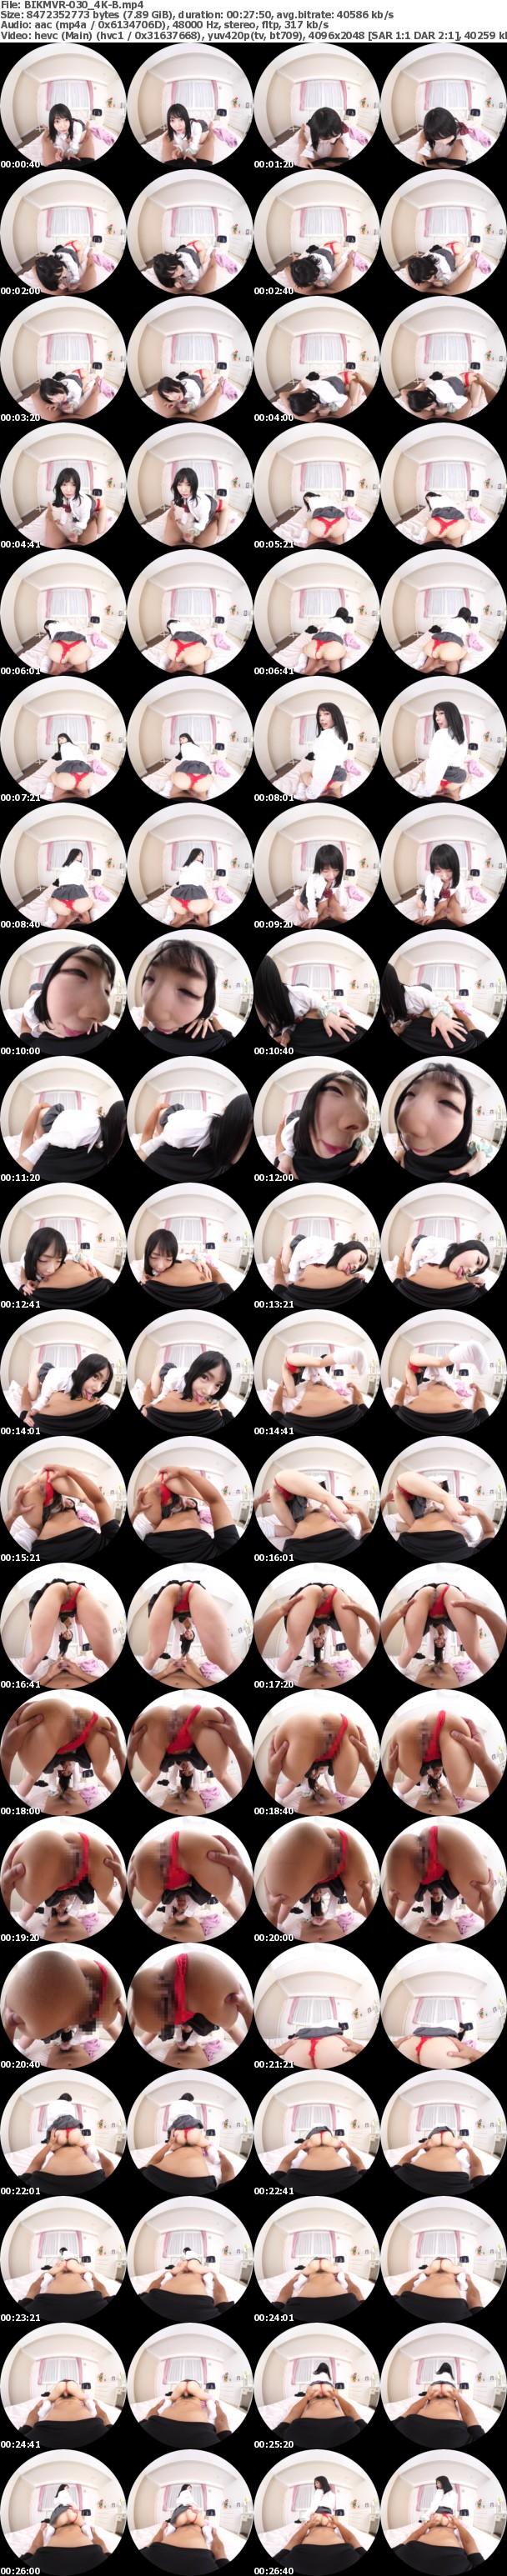 VR/3D BIKMVR-030 【4K匠】『プリケツVR』Tバック中出し女子校生 ~キレイなお尻に魅了されたい~ 五十嵐星蘭